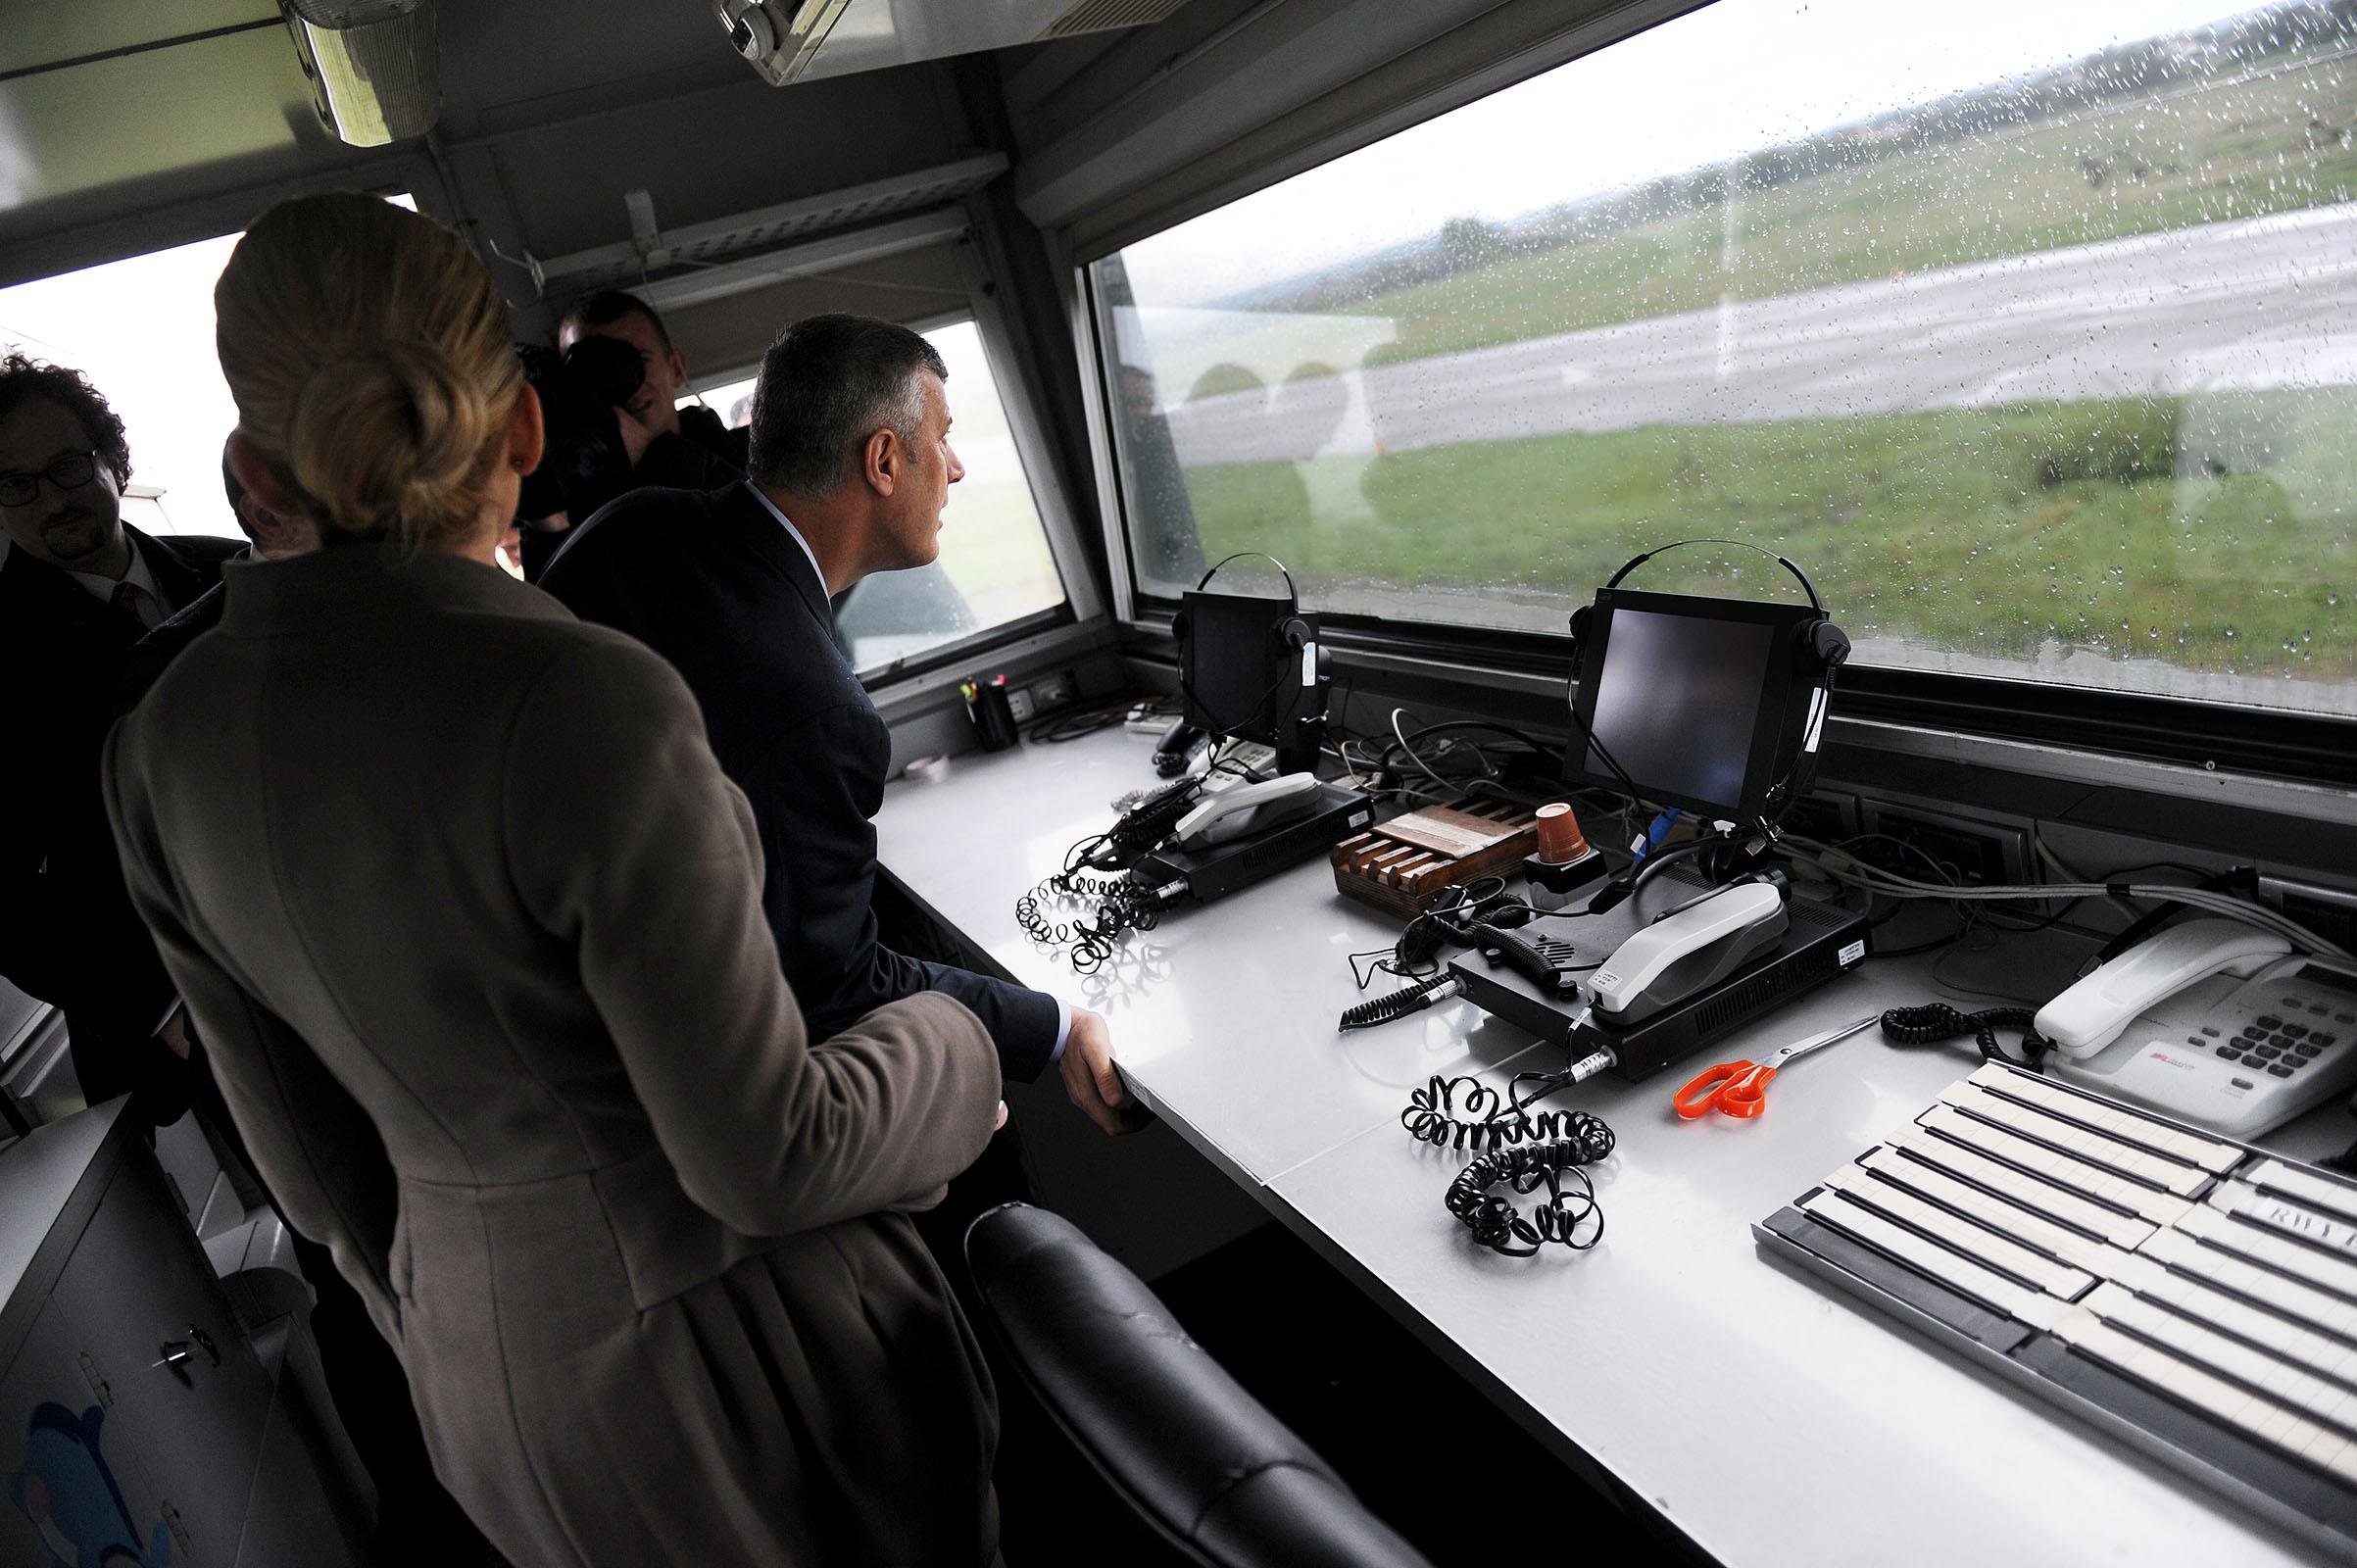 Aeroporti i Gjakovës në fund të këtij viti do të kthehet nën menaxhimin e institucioneve të Kosoves